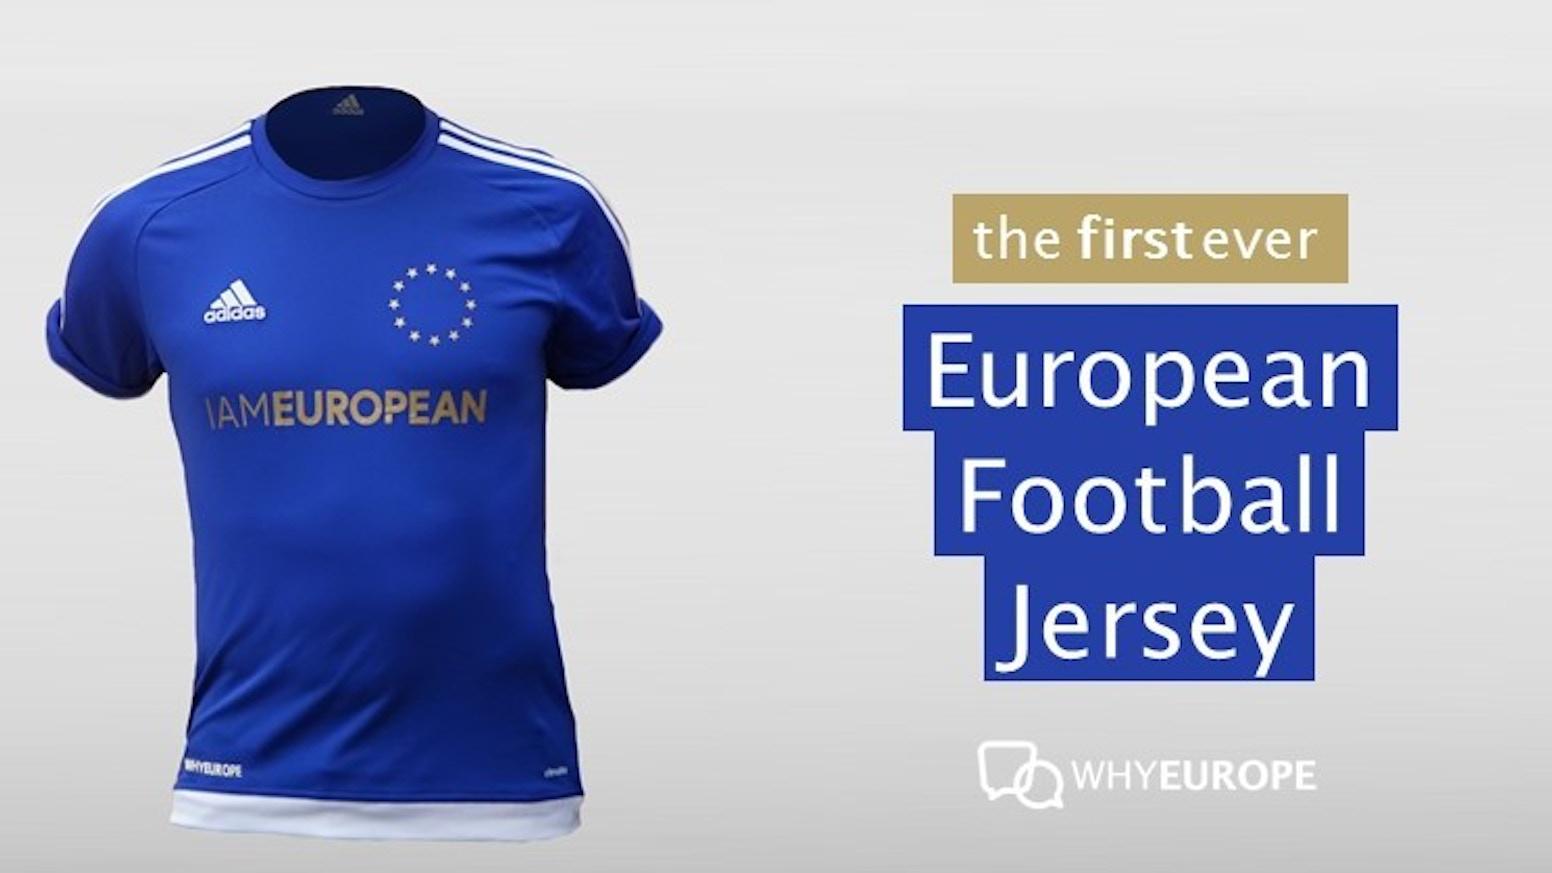 Show your European Spirit.  #IAMEUROPEAN